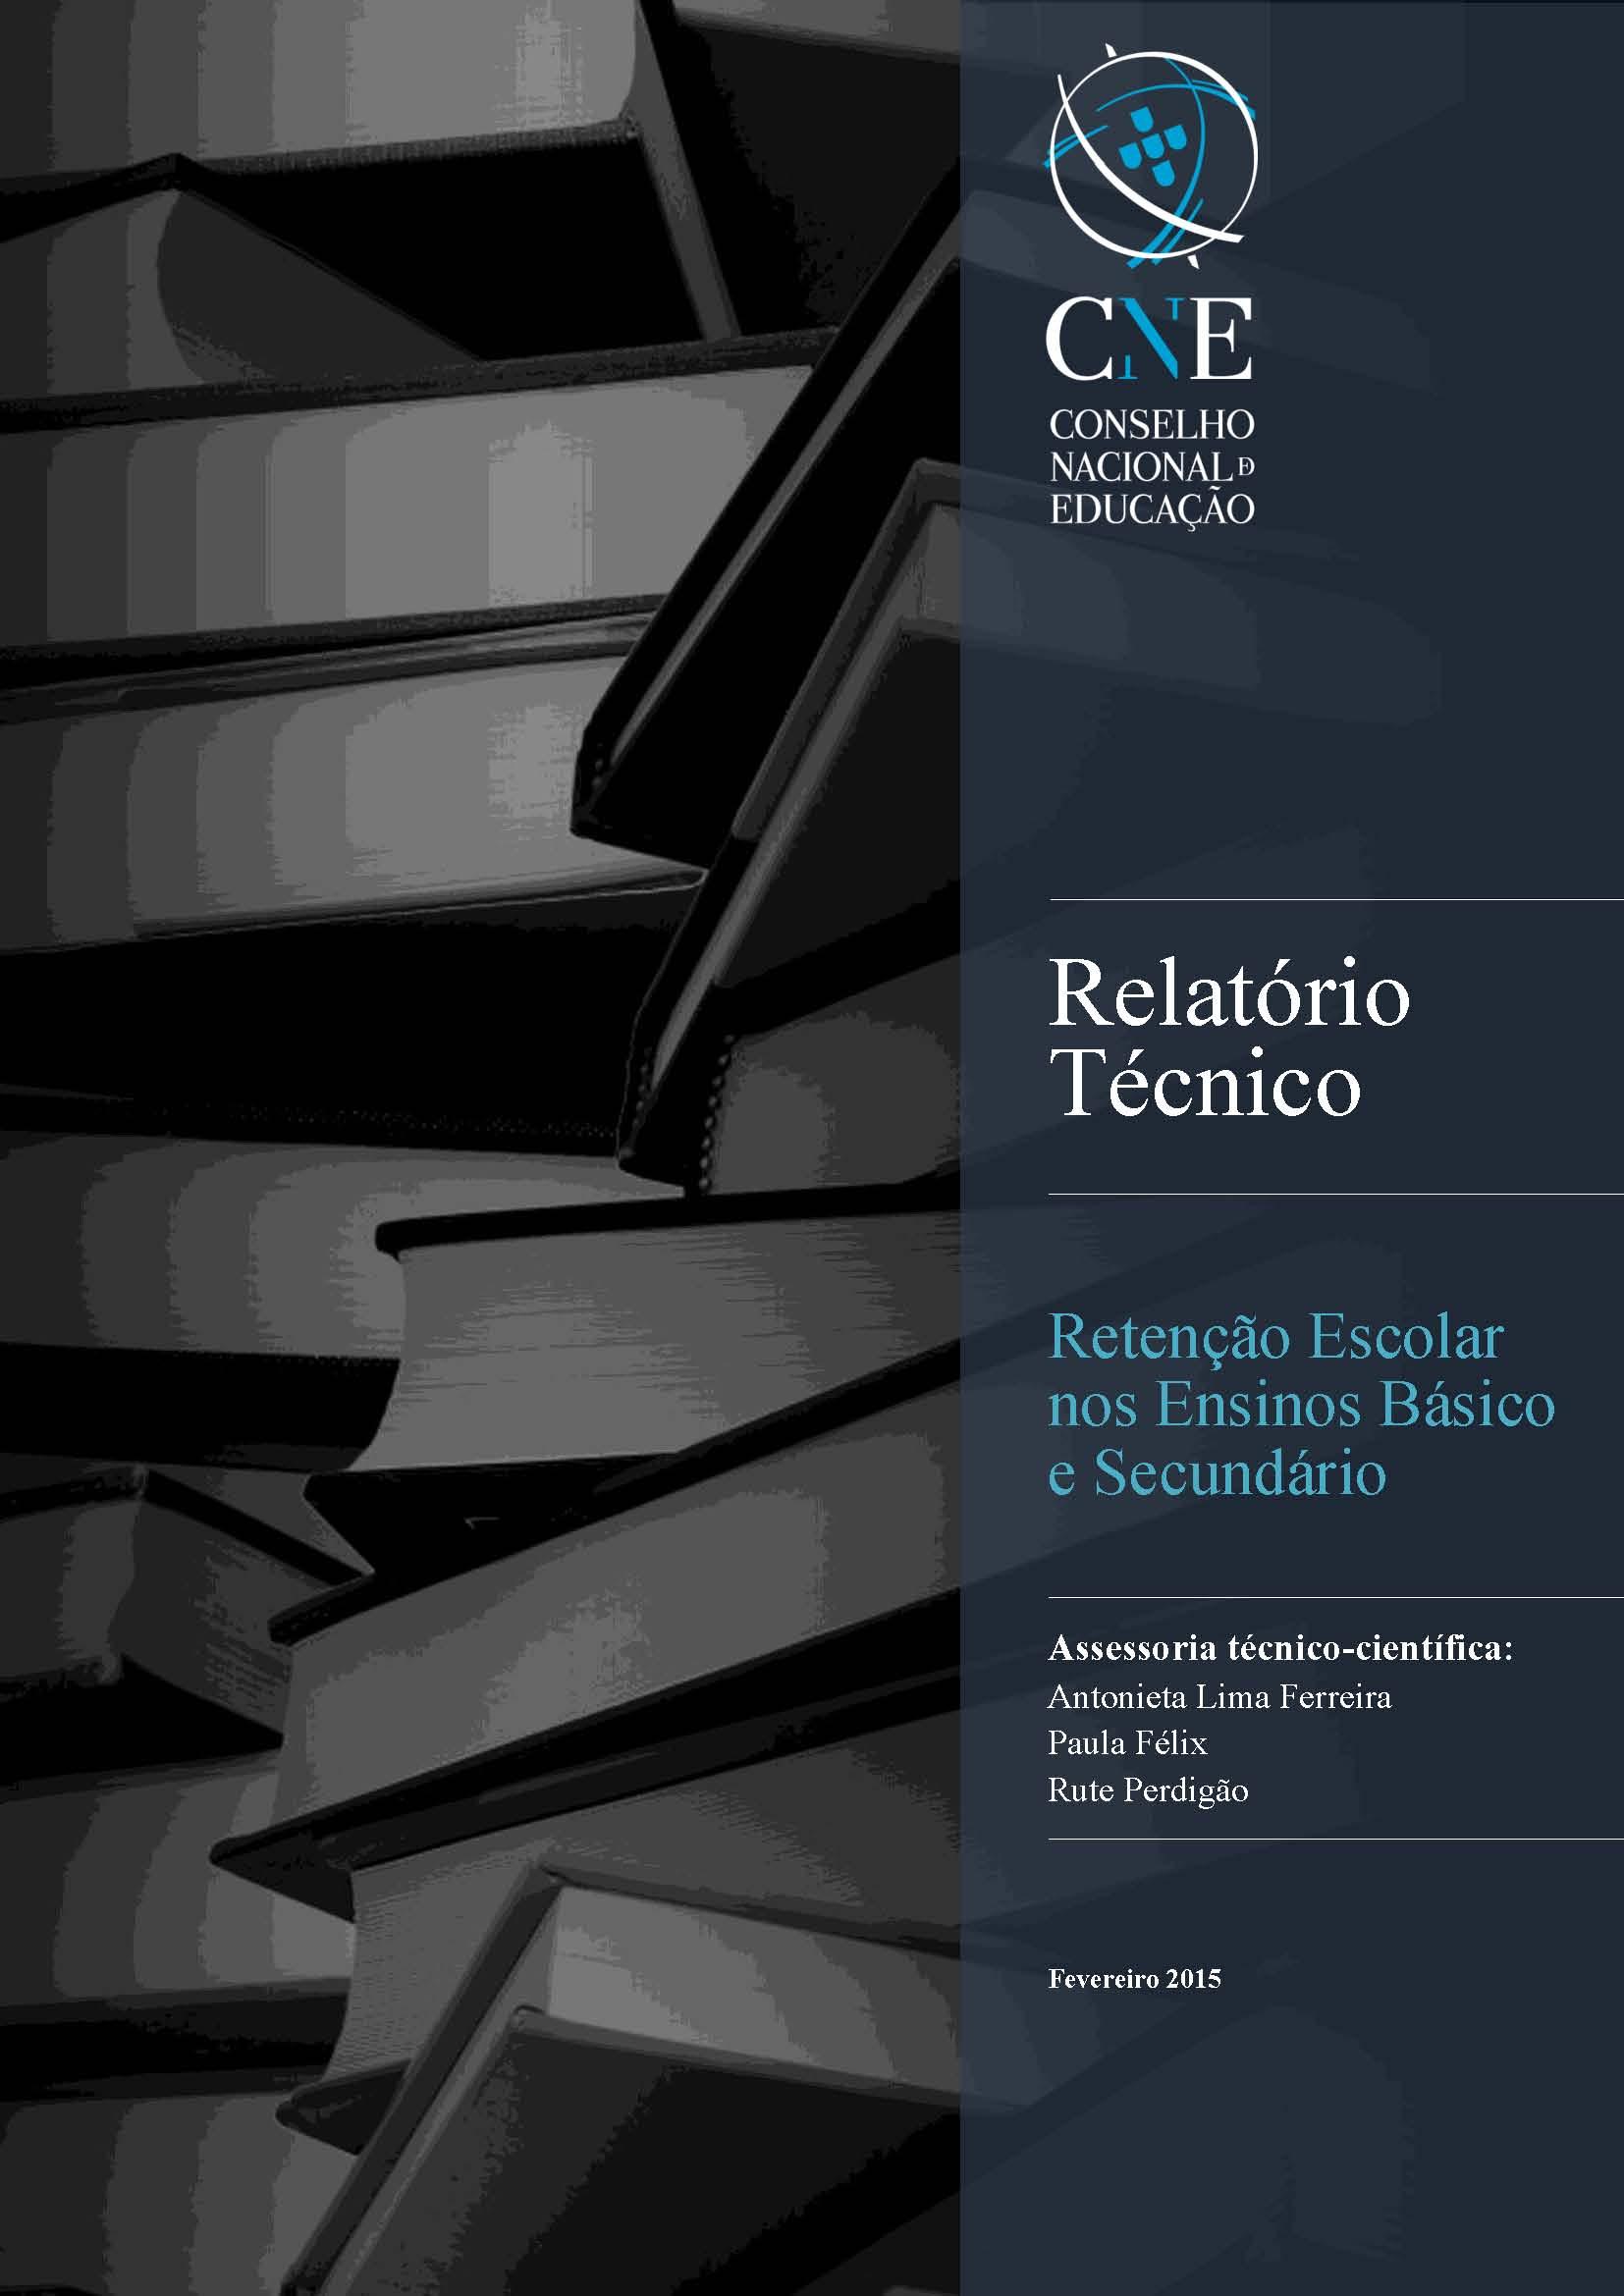 Relatório CNE - Retenção Escolar nos Ensinos Básico e Secundário